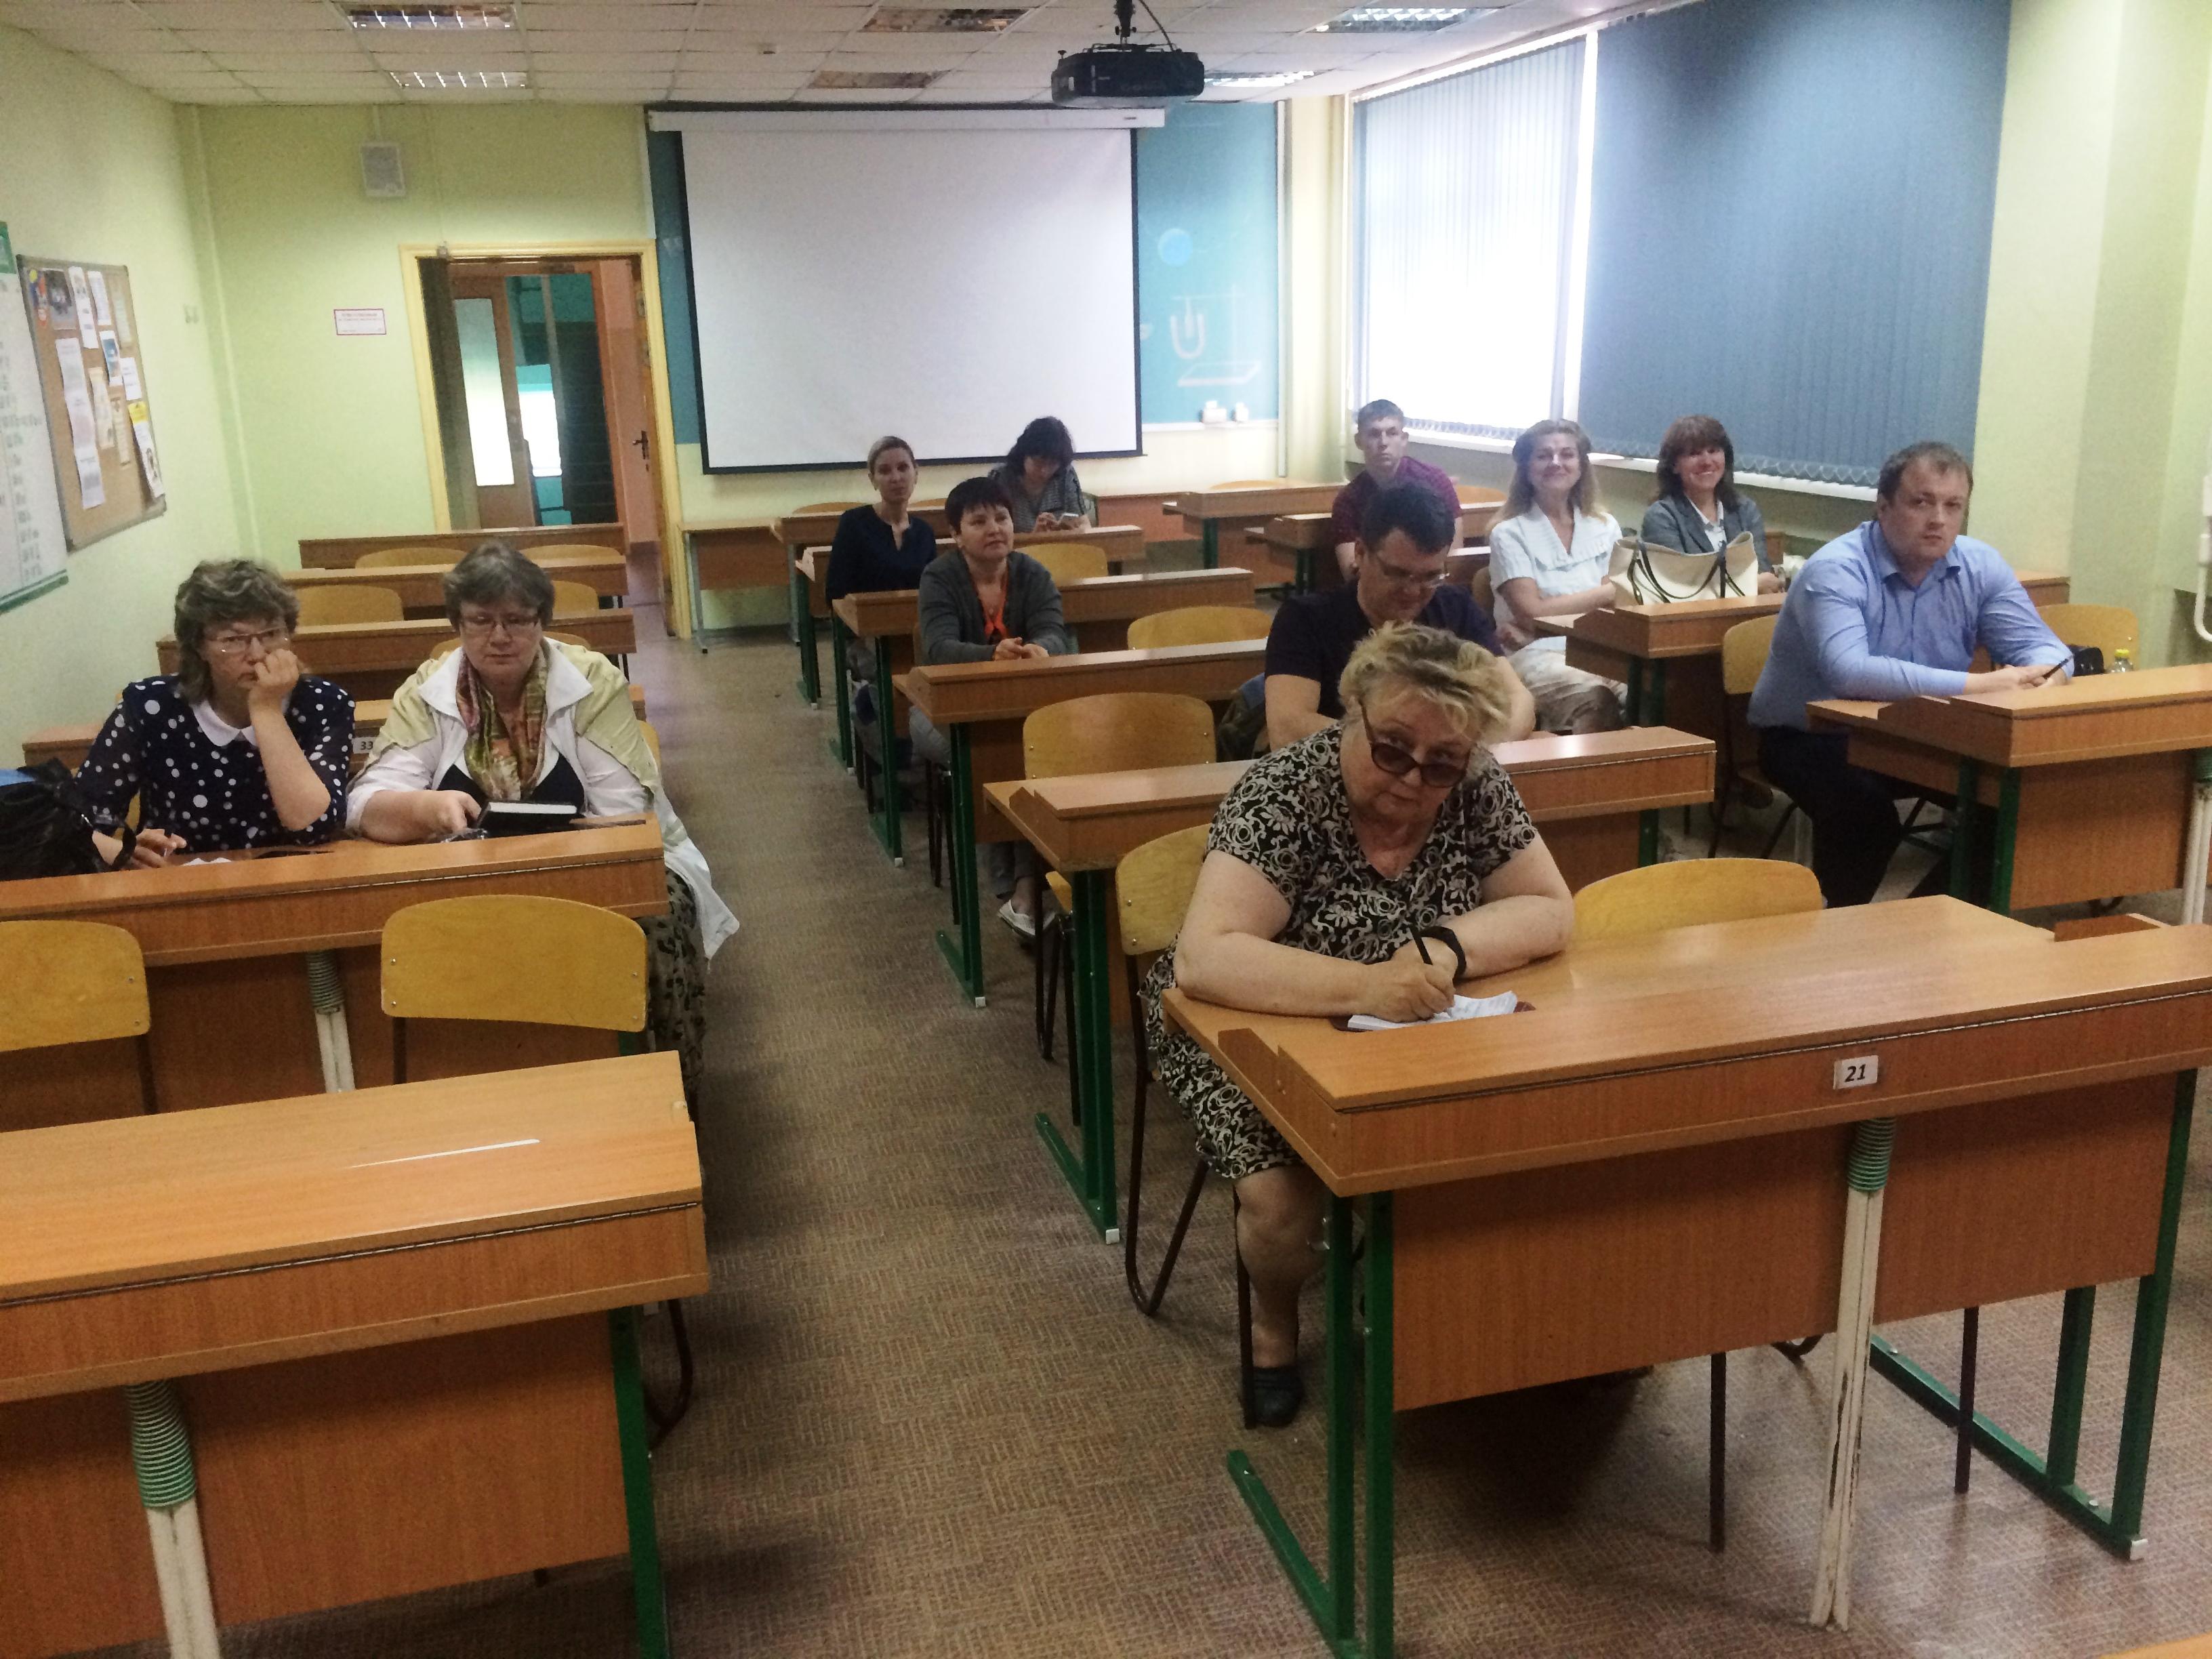 Лекция в кабинете физики.